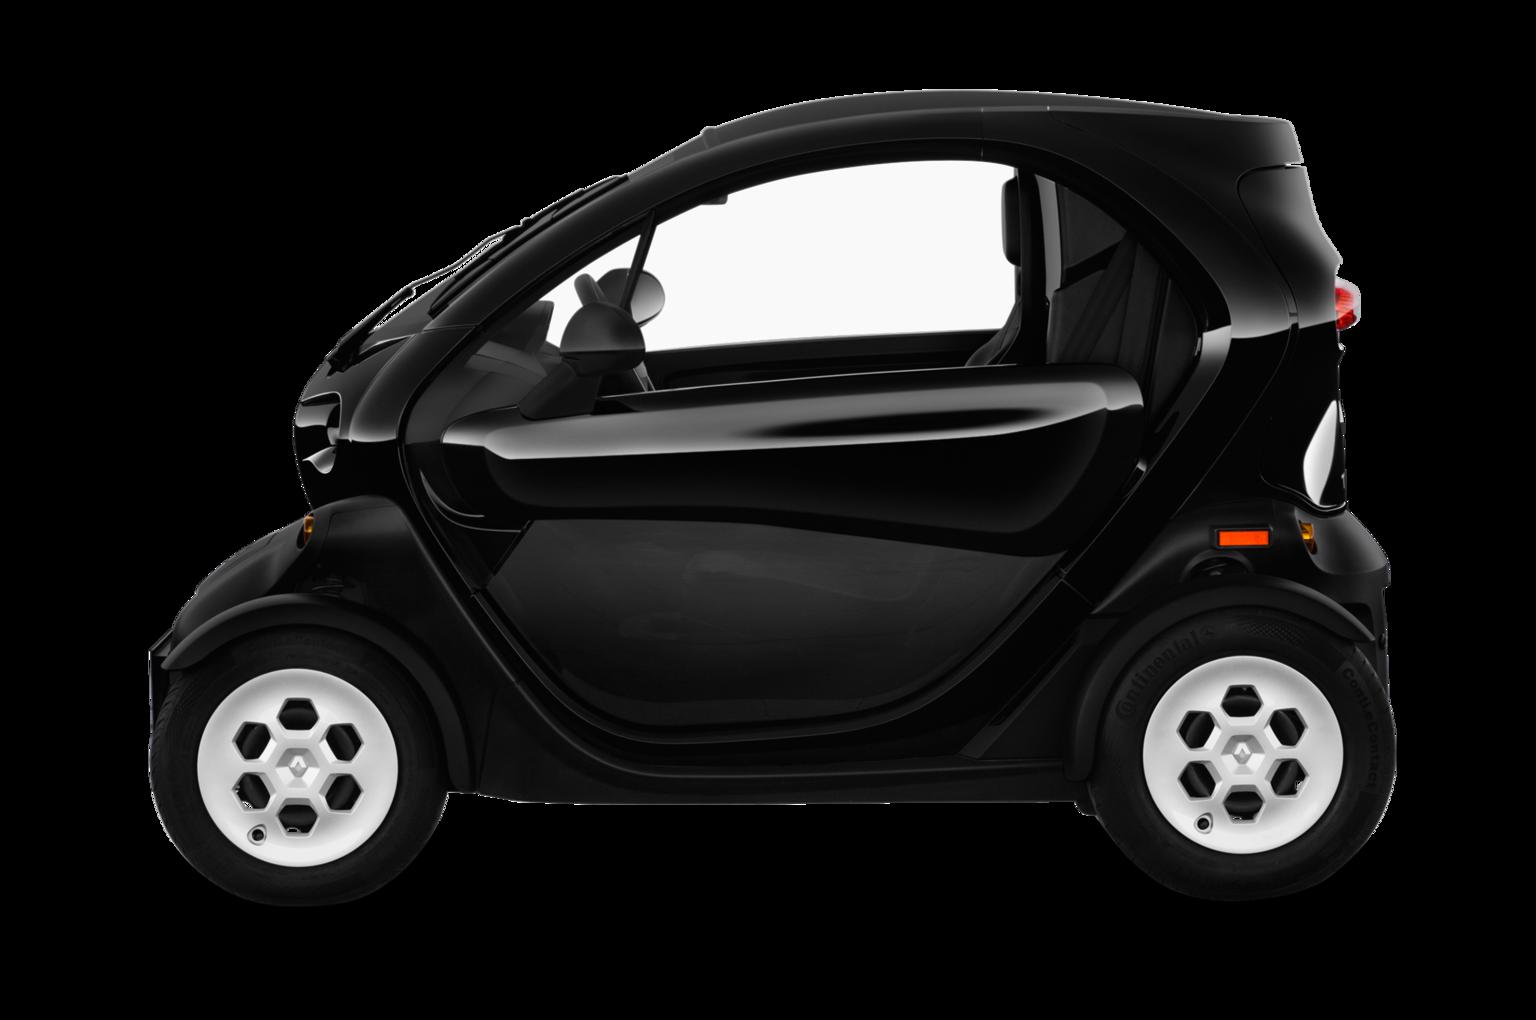 twizy gebrauchtwagen neuwagen kaufen verkaufen. Black Bedroom Furniture Sets. Home Design Ideas